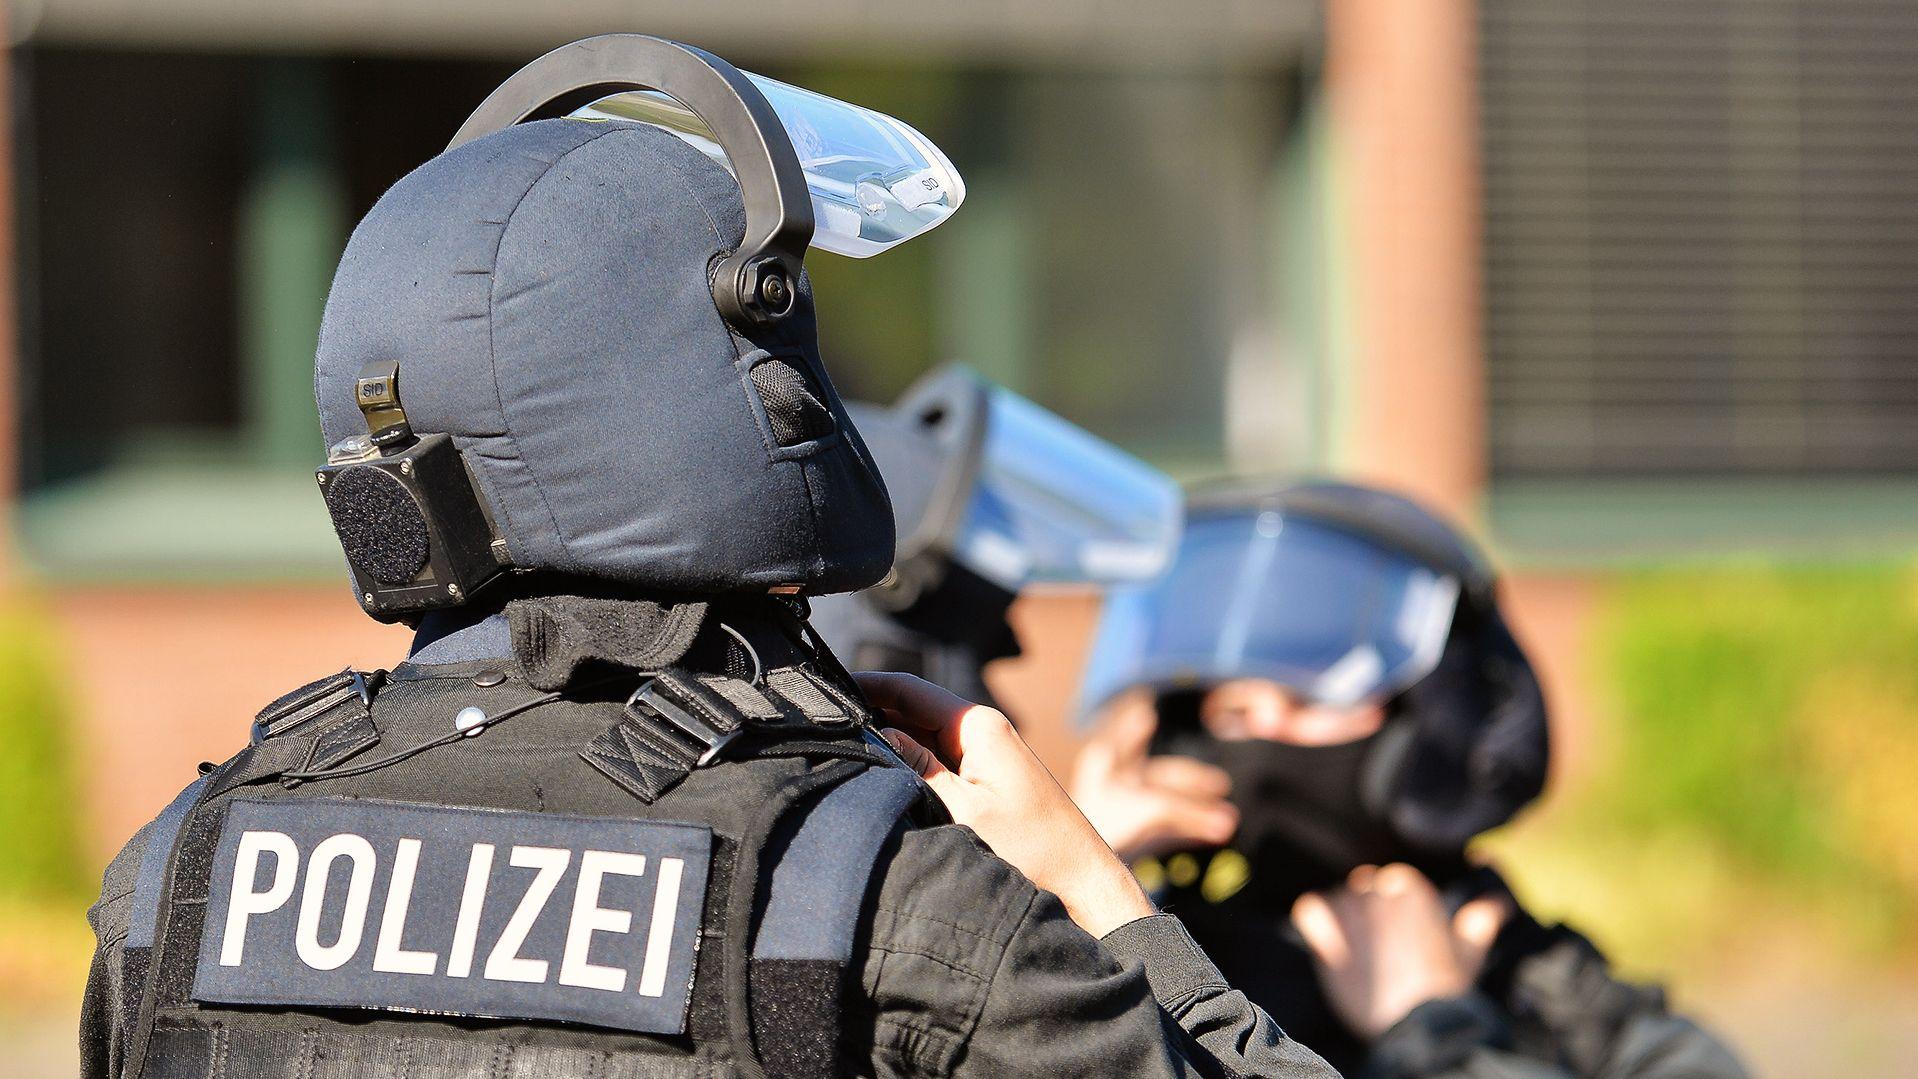 Symbolbild: Mitglieder eines Spezialeinsatzkommandos der Polizei